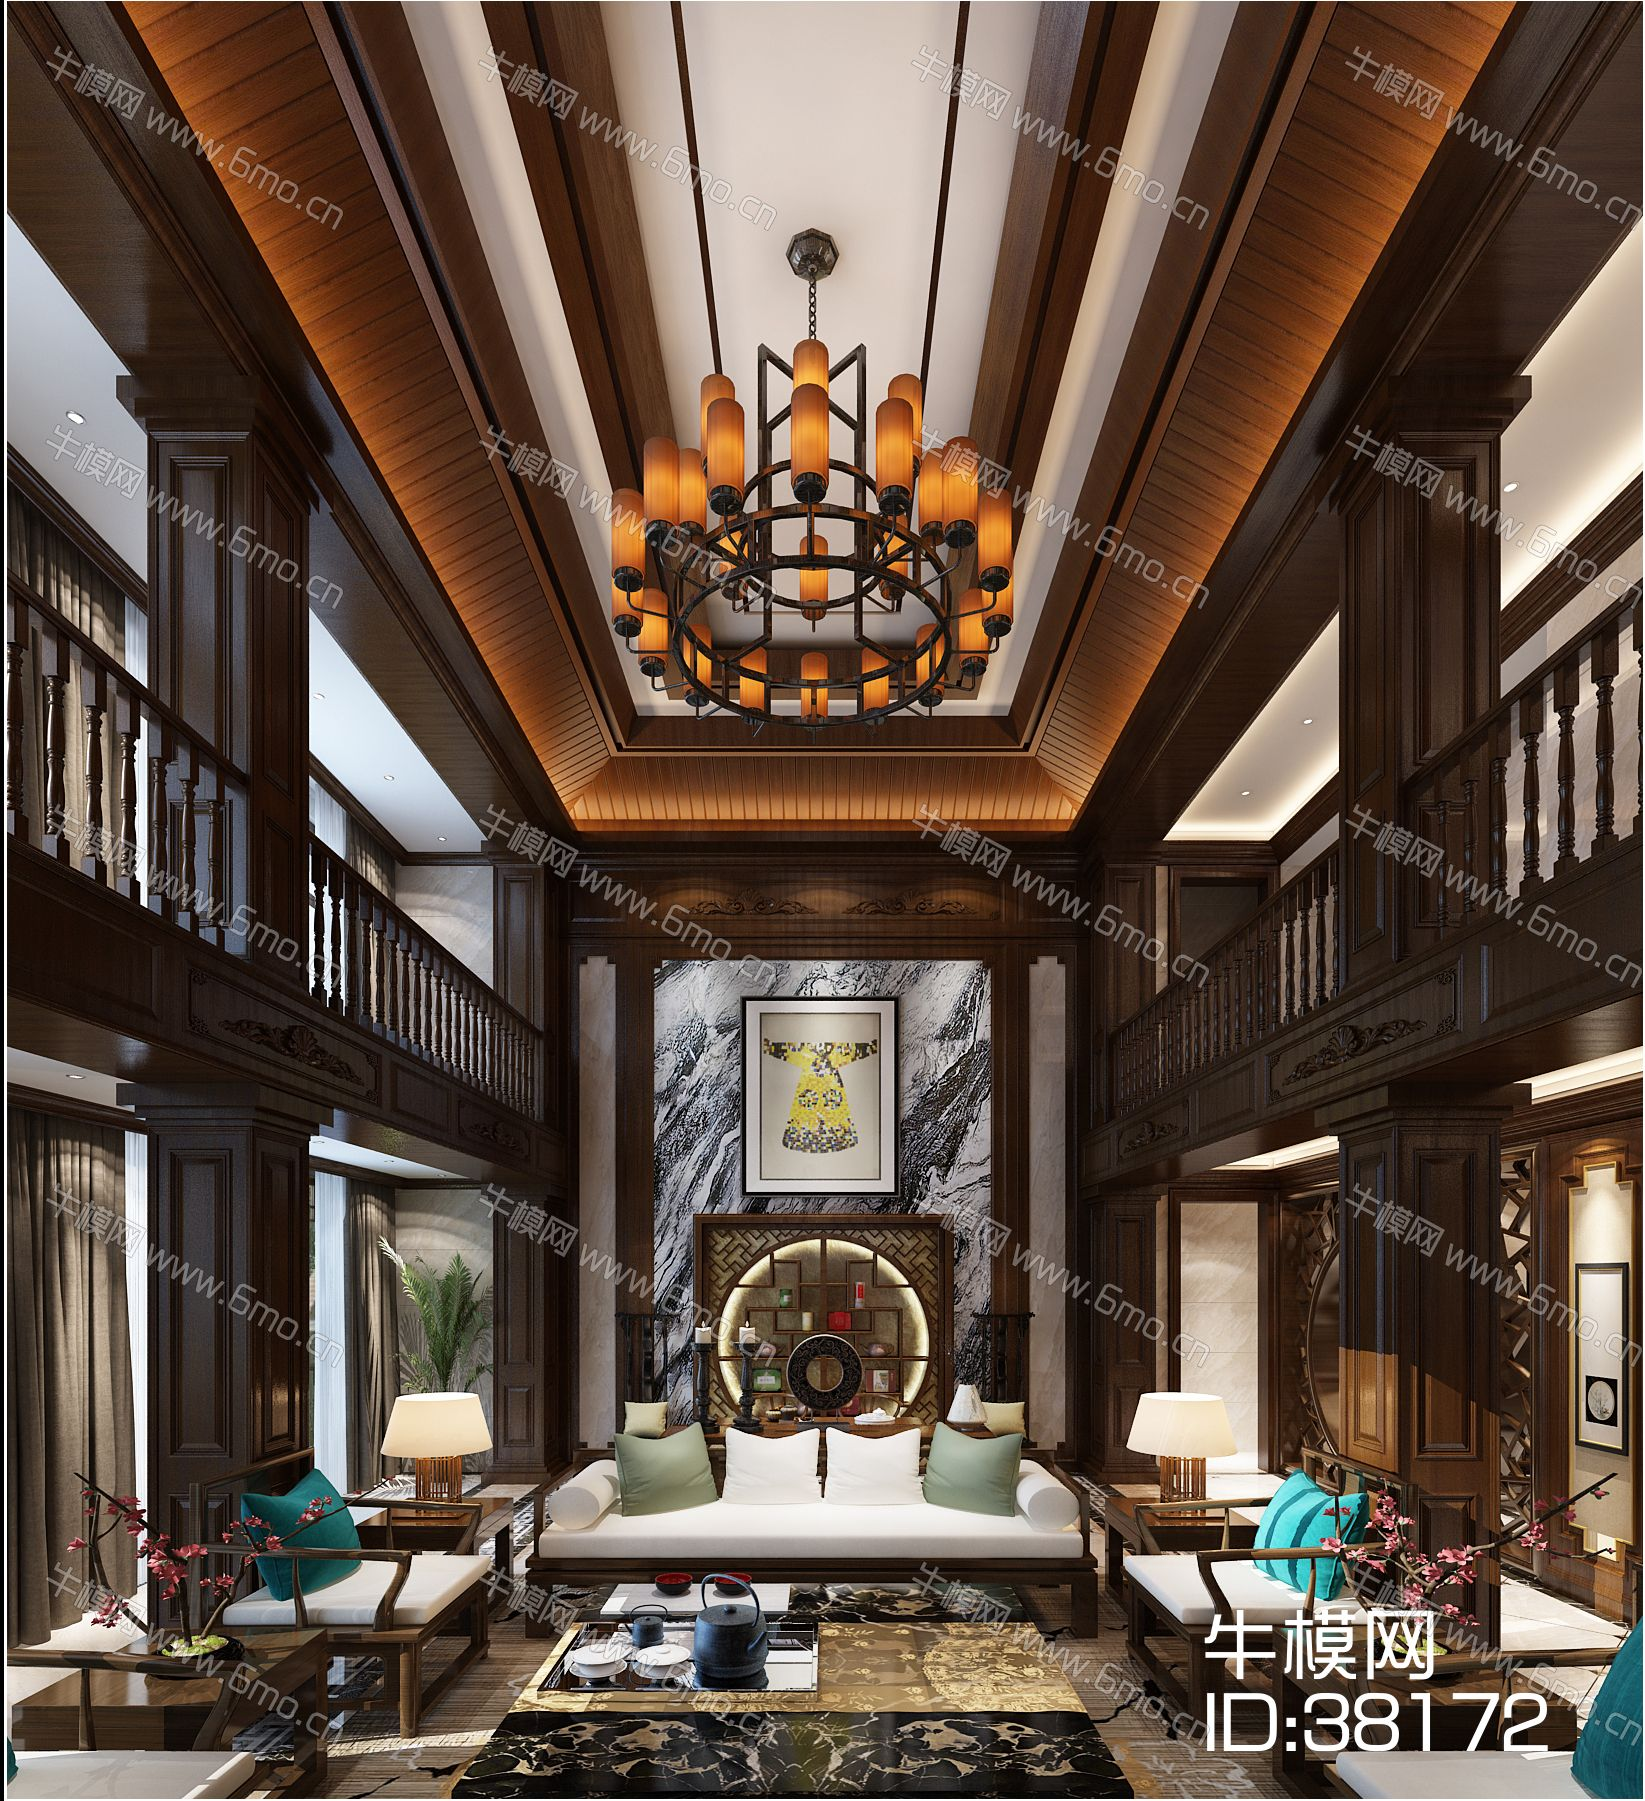 中式风格别墅大堂